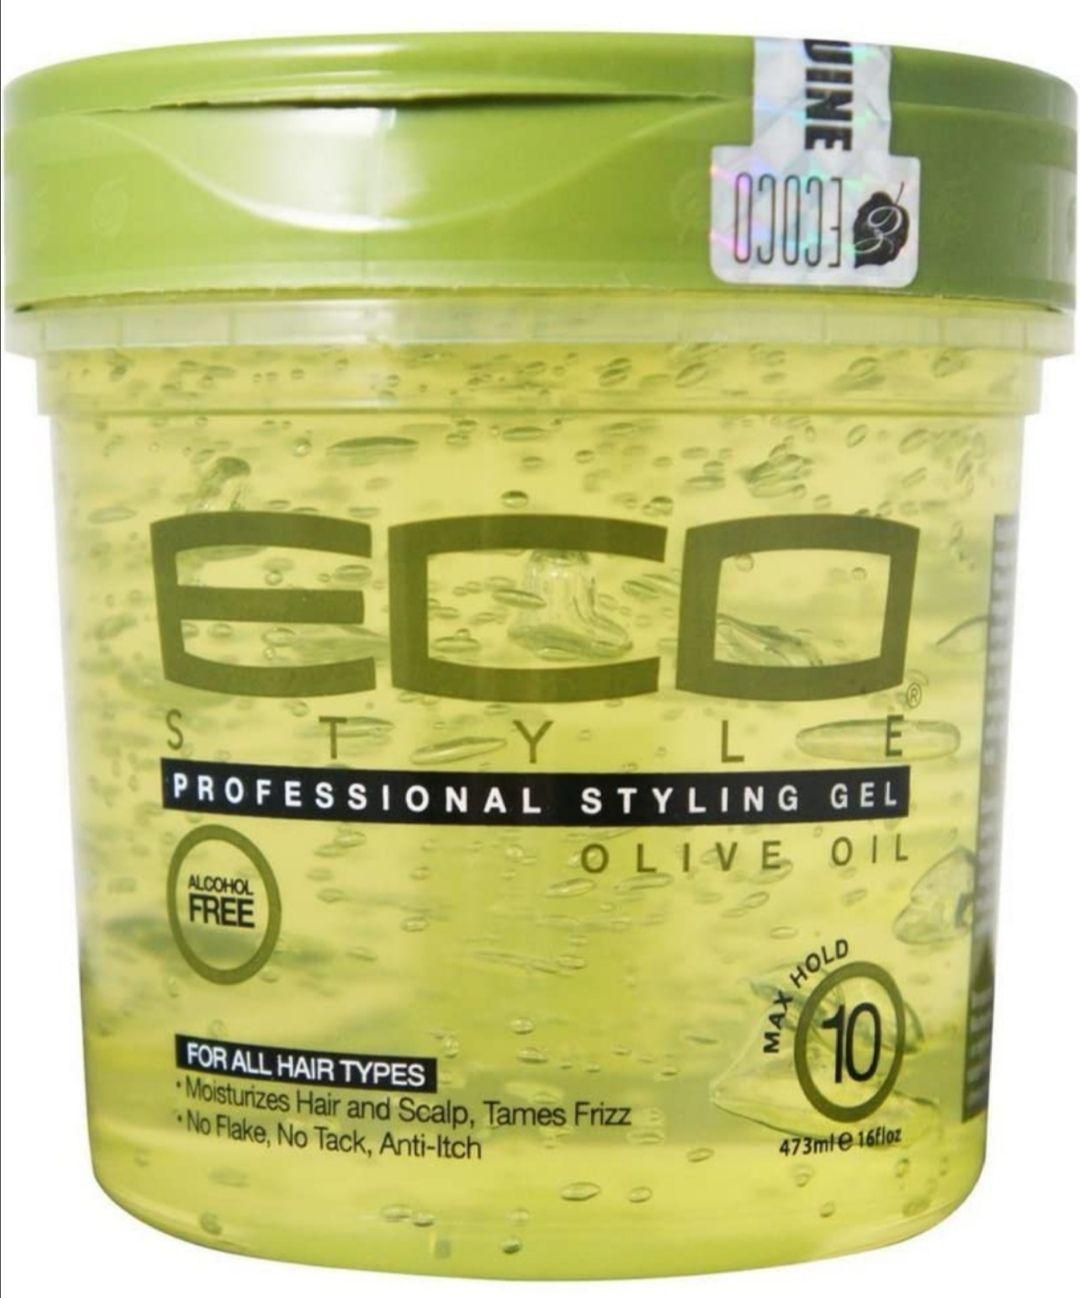 Eco Styler Styling Gel a base de aceite de oliva - Para todo tipo de cabello - 473 ml